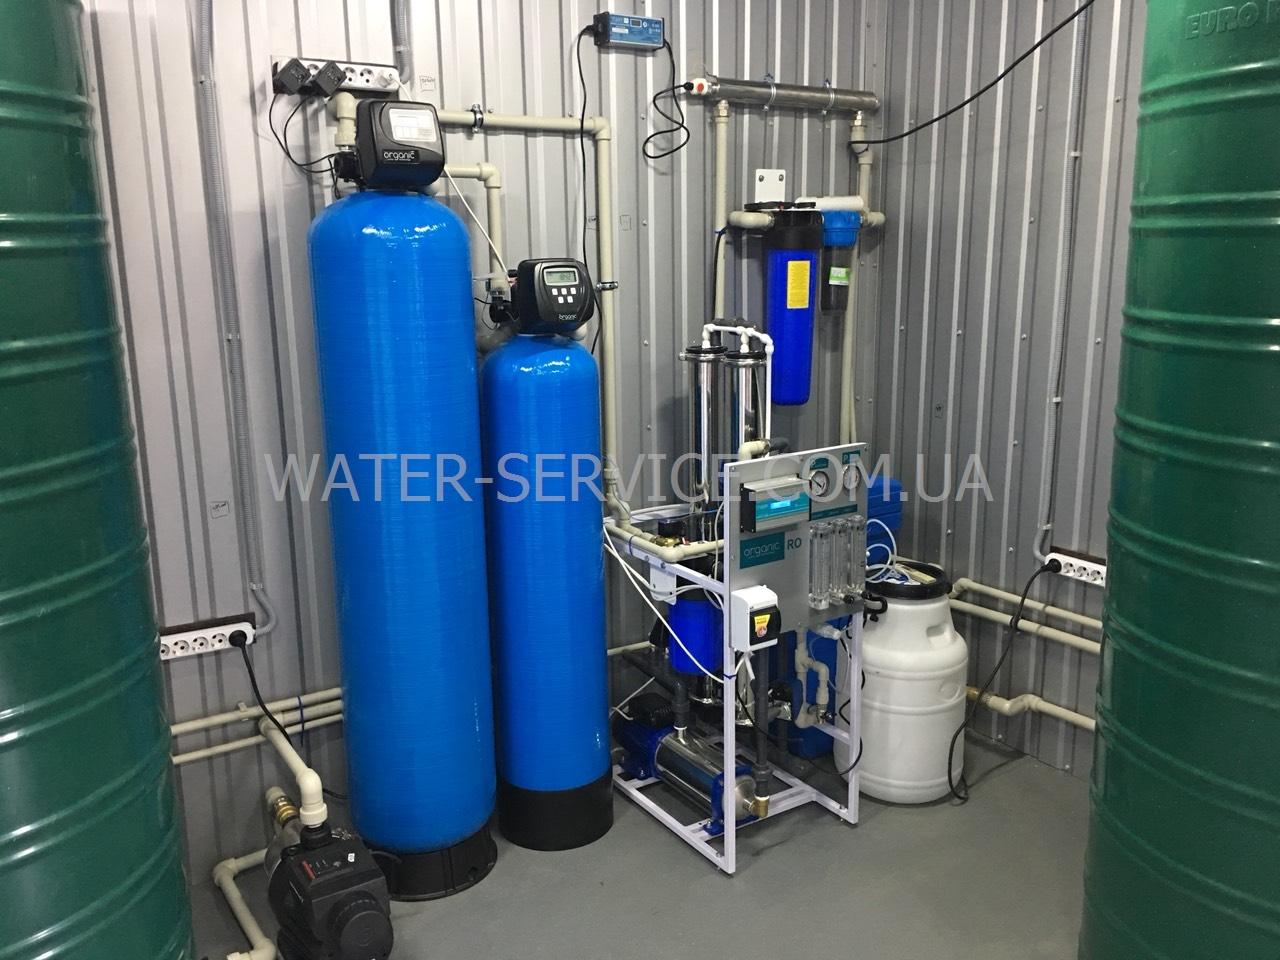 Производство бутилирпованной воды на доставку. Франшиза ПИТНА ВОДЫ Organic